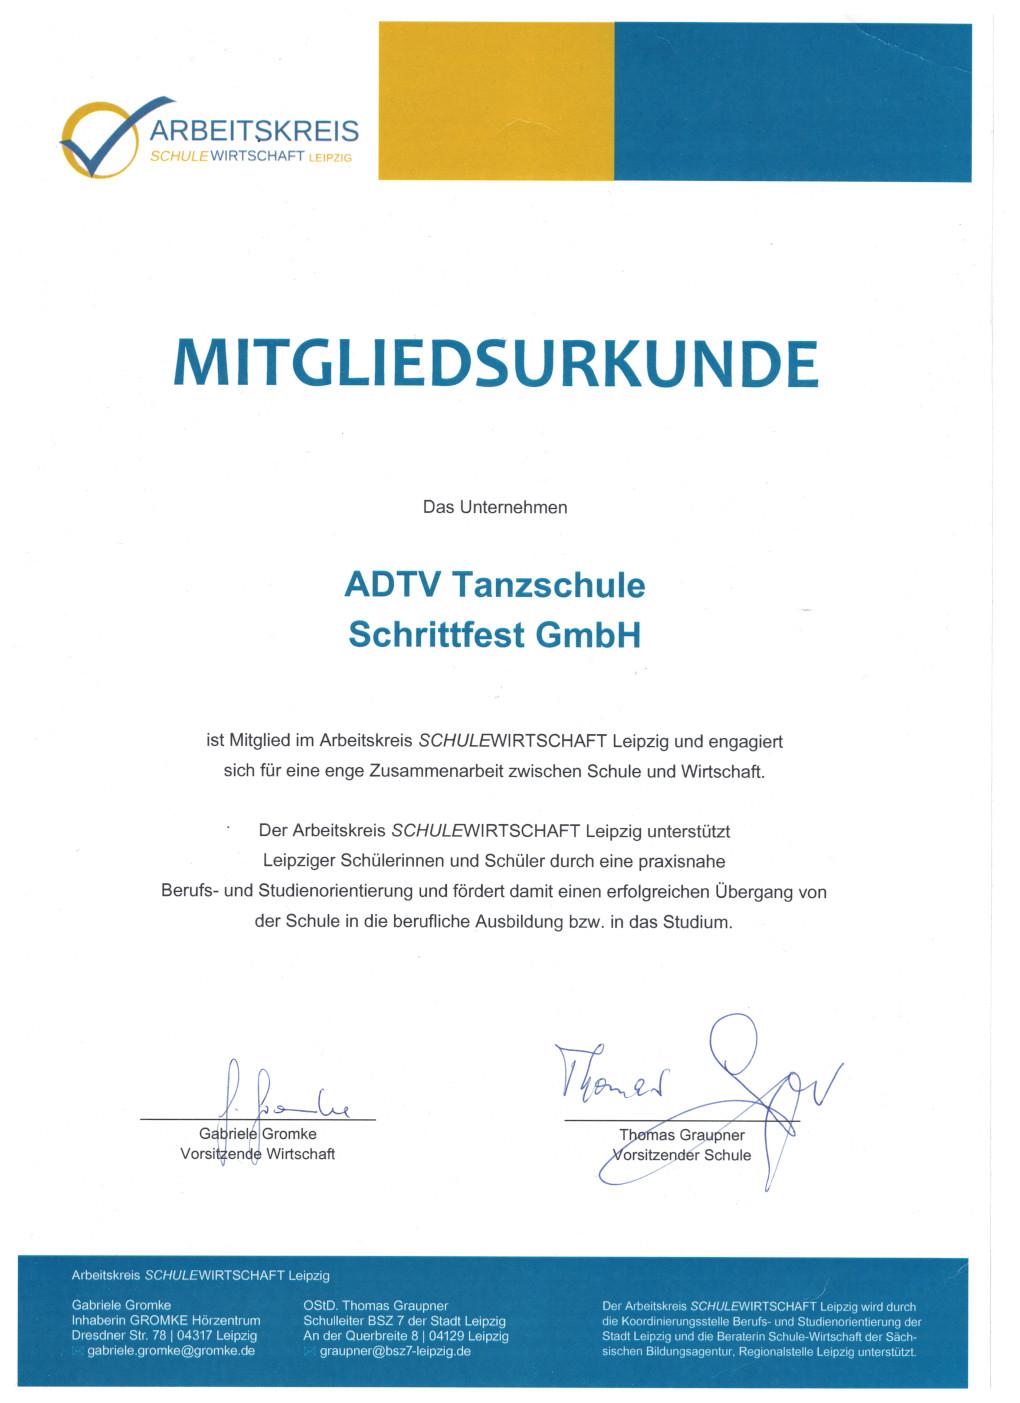 Mitgliedsurkunde Arbeitskreis SchuleWirtschaft Leipzig